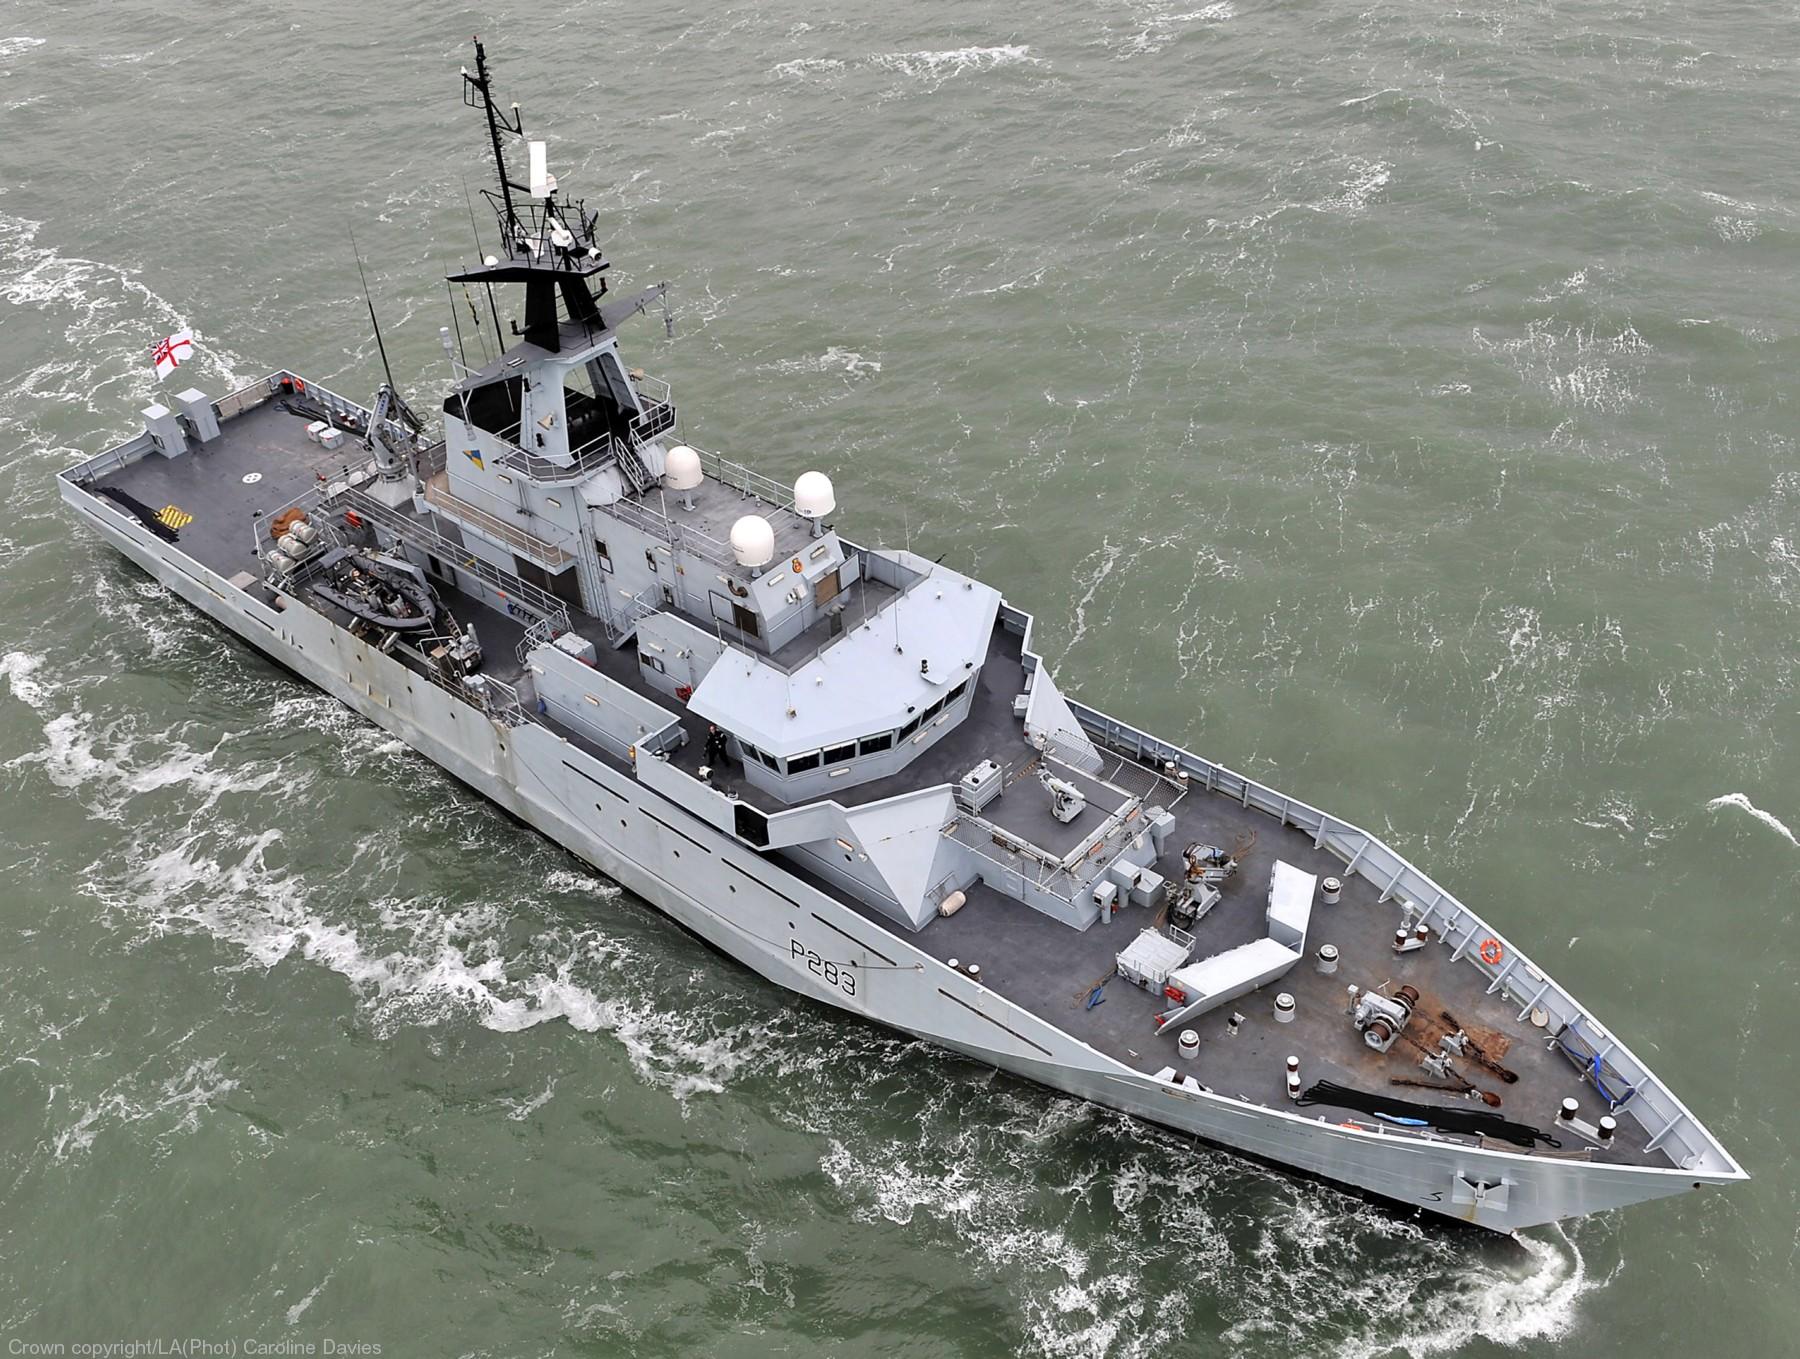 irresponsible gunboat diplomacy